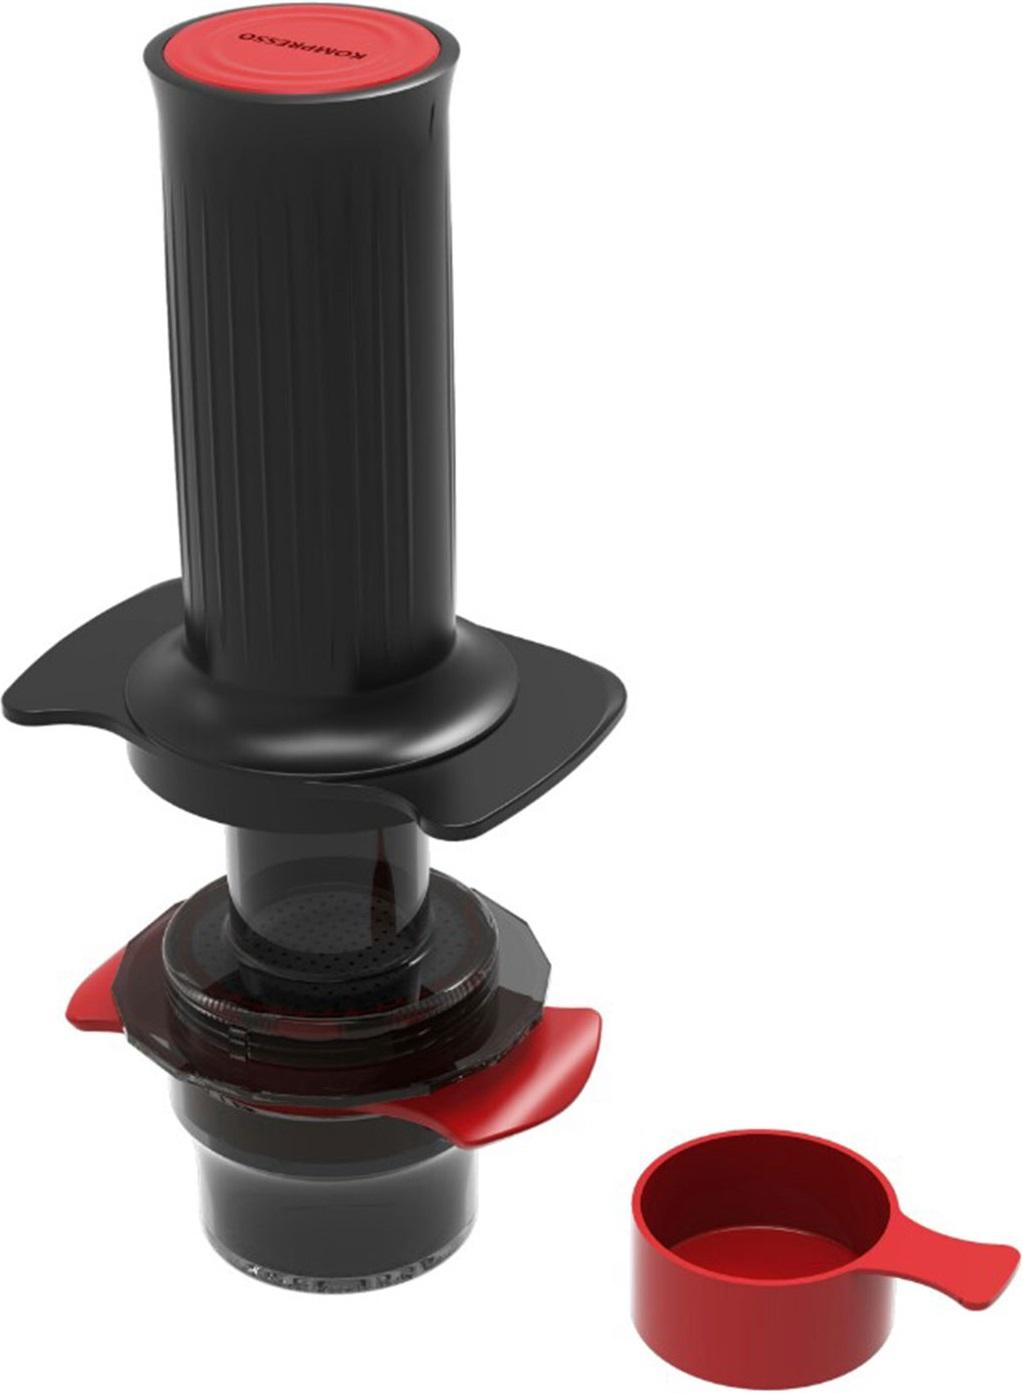 Cafflano - Cafflano Kompresso Taşınabilir Kahve Makinesi